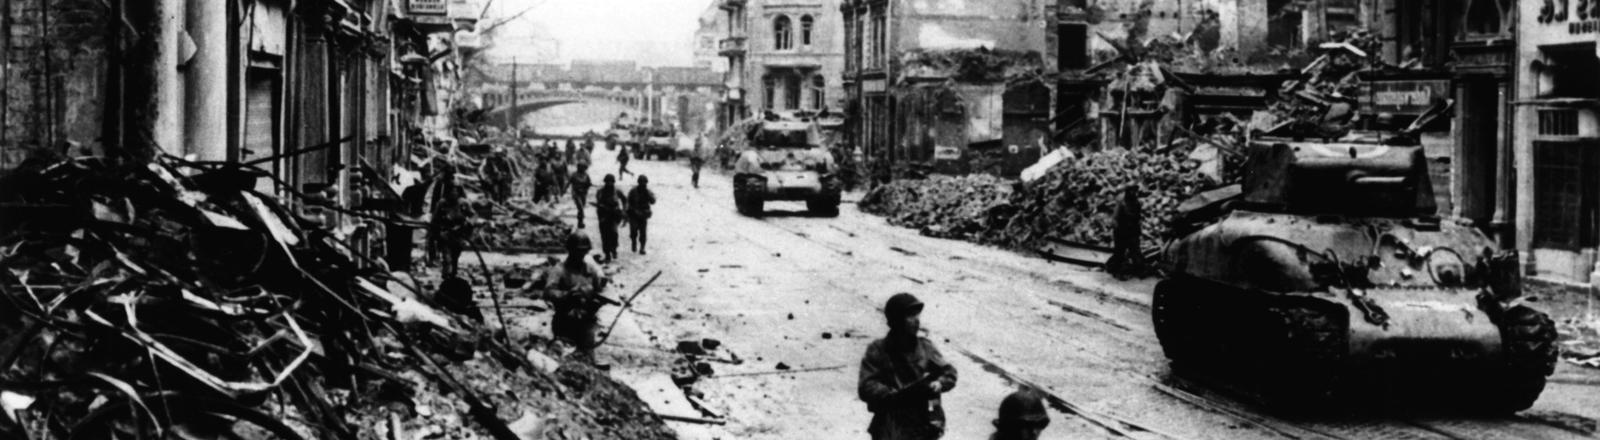 Amerikanische Truppen marschieren in Köln ein.